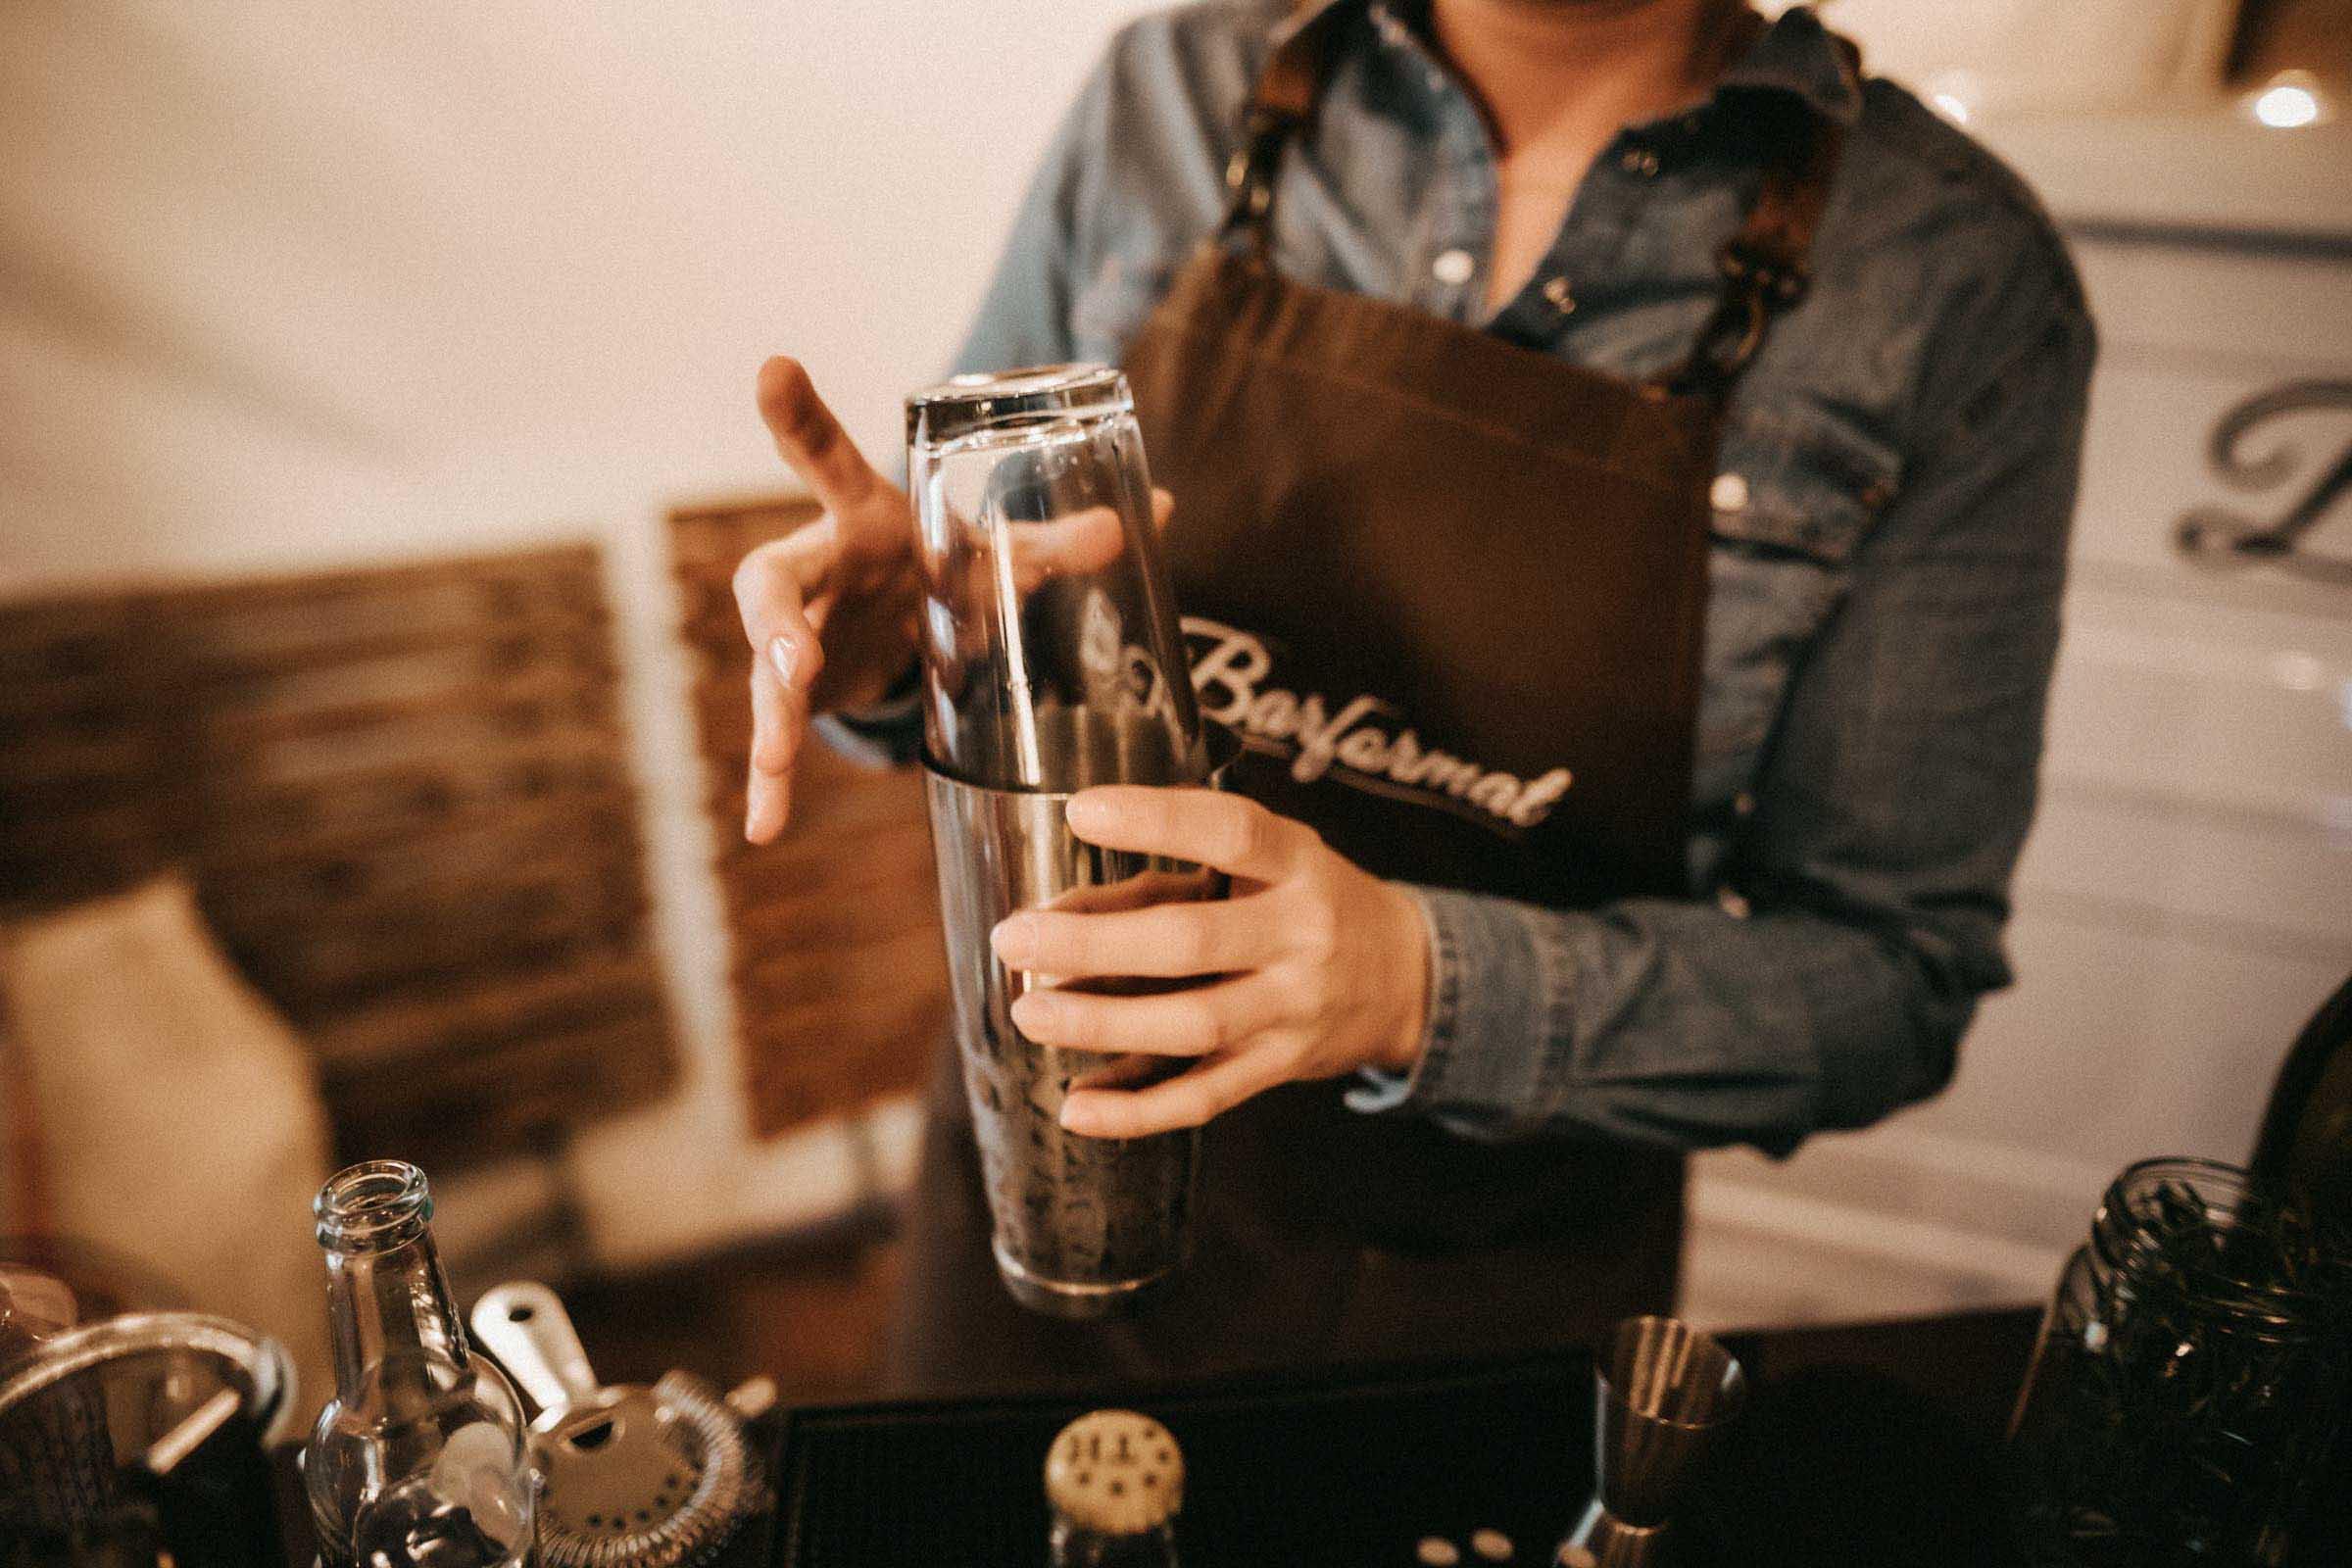 Lehmann | Eventservice | Mobile | Bar | Hannover | Hamburg | Bremen | Braunschweig | Cocktailbar | Sektempfang | Bulli | Bar | Hochzeit | Cocktailservice | Barkeeper | Firmenfeiern | Messen | Catering | Food | Truck | Getränke